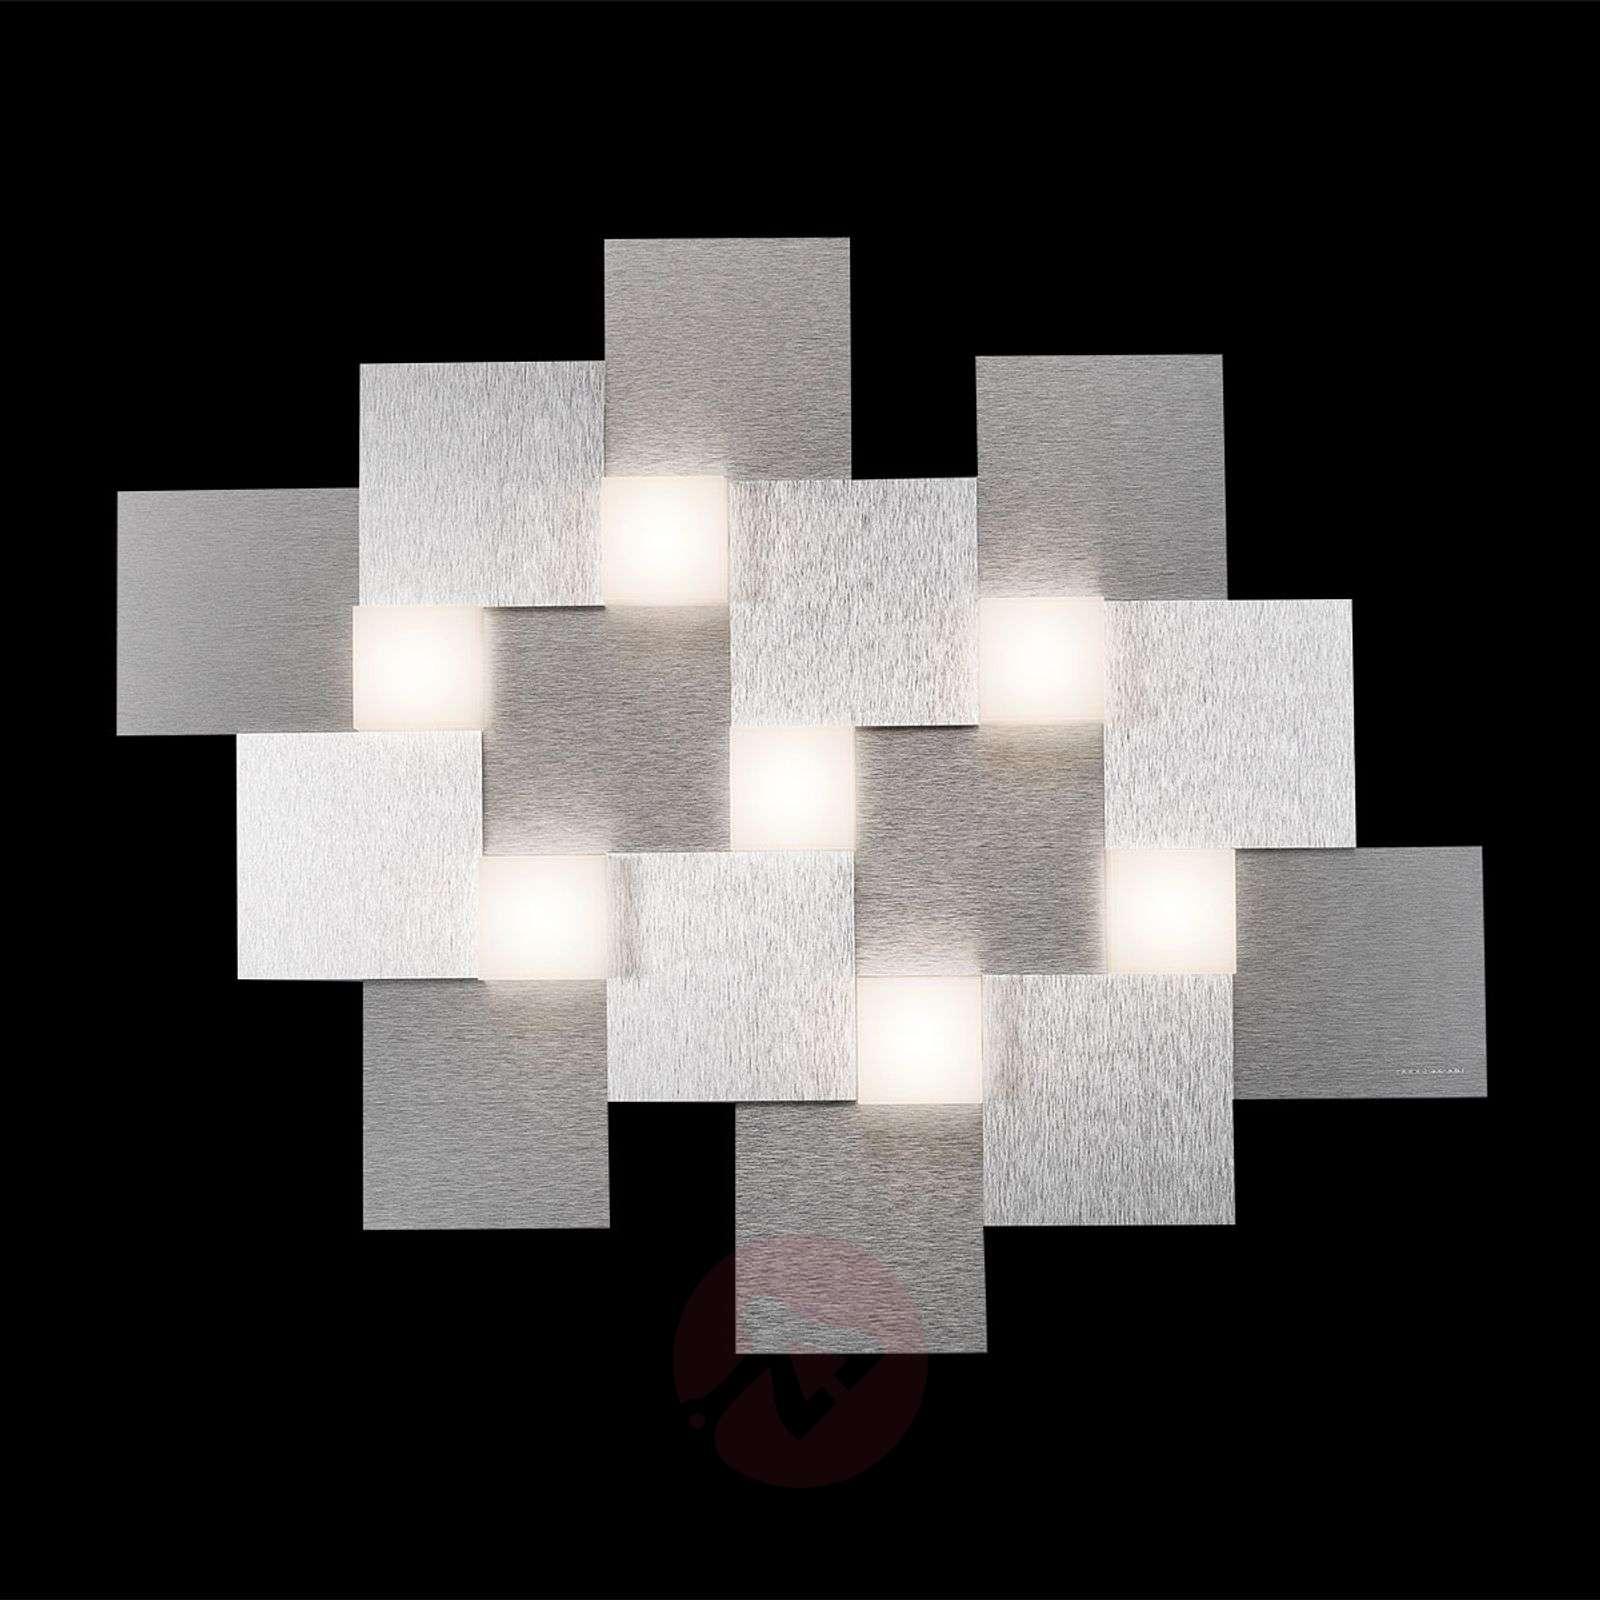 GROSSMANN Creo LED-kattovalaisin 7-lampp.-4022008X-01